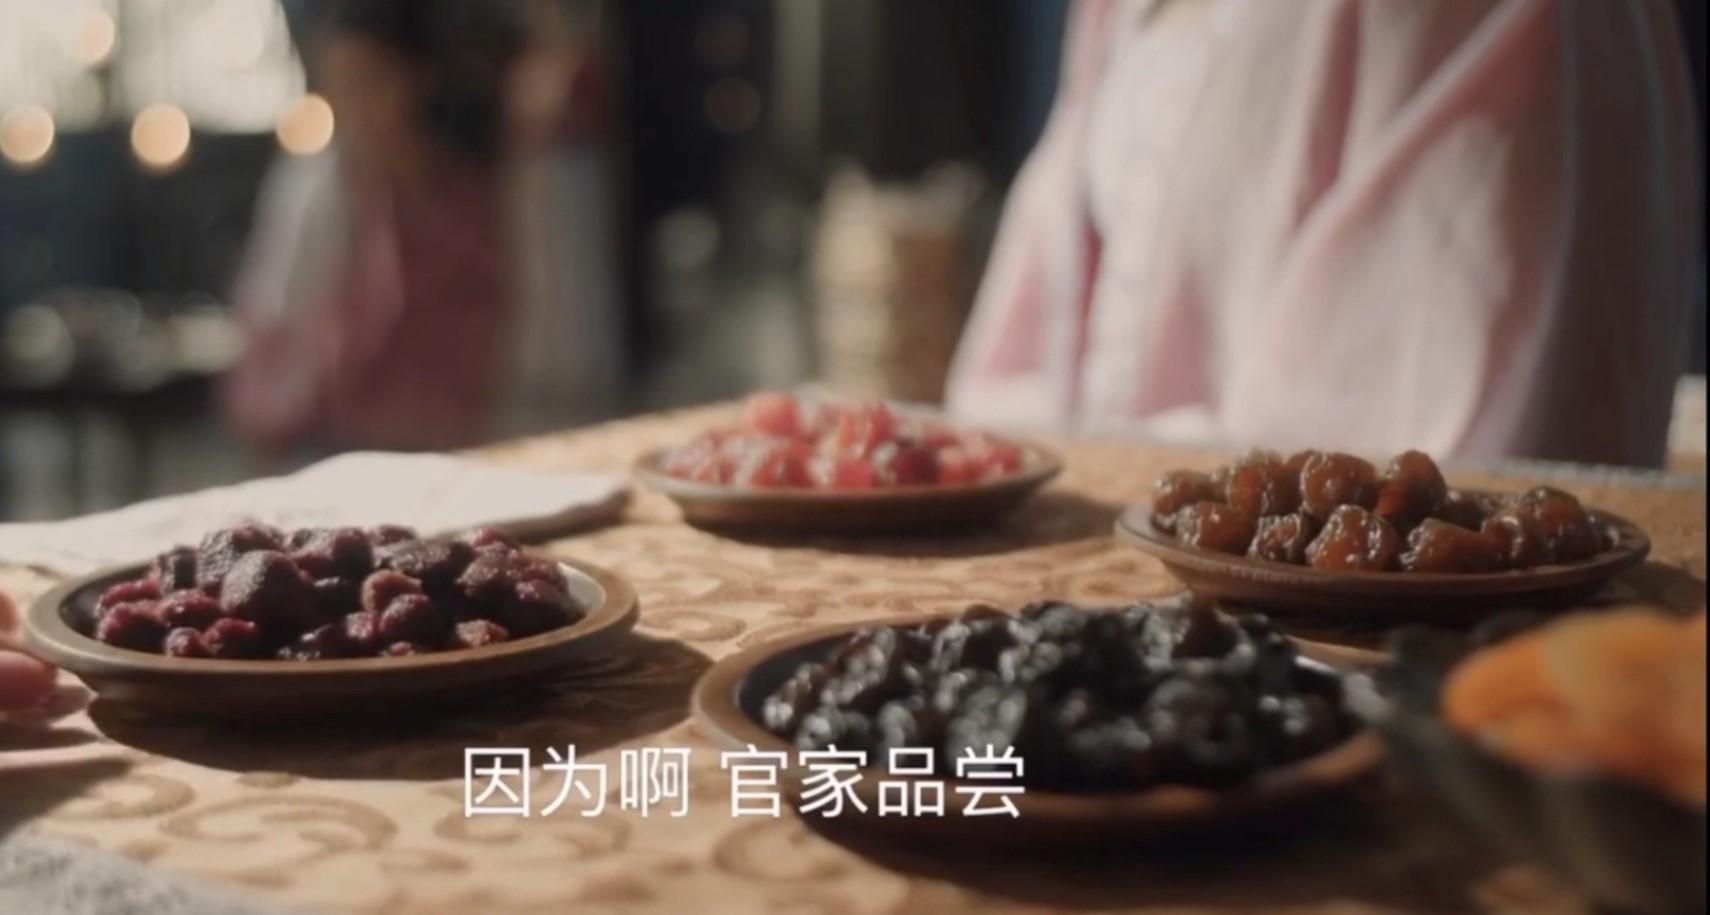 从《清平乐》看大宋美食,满屏尽是撩人食欲图片